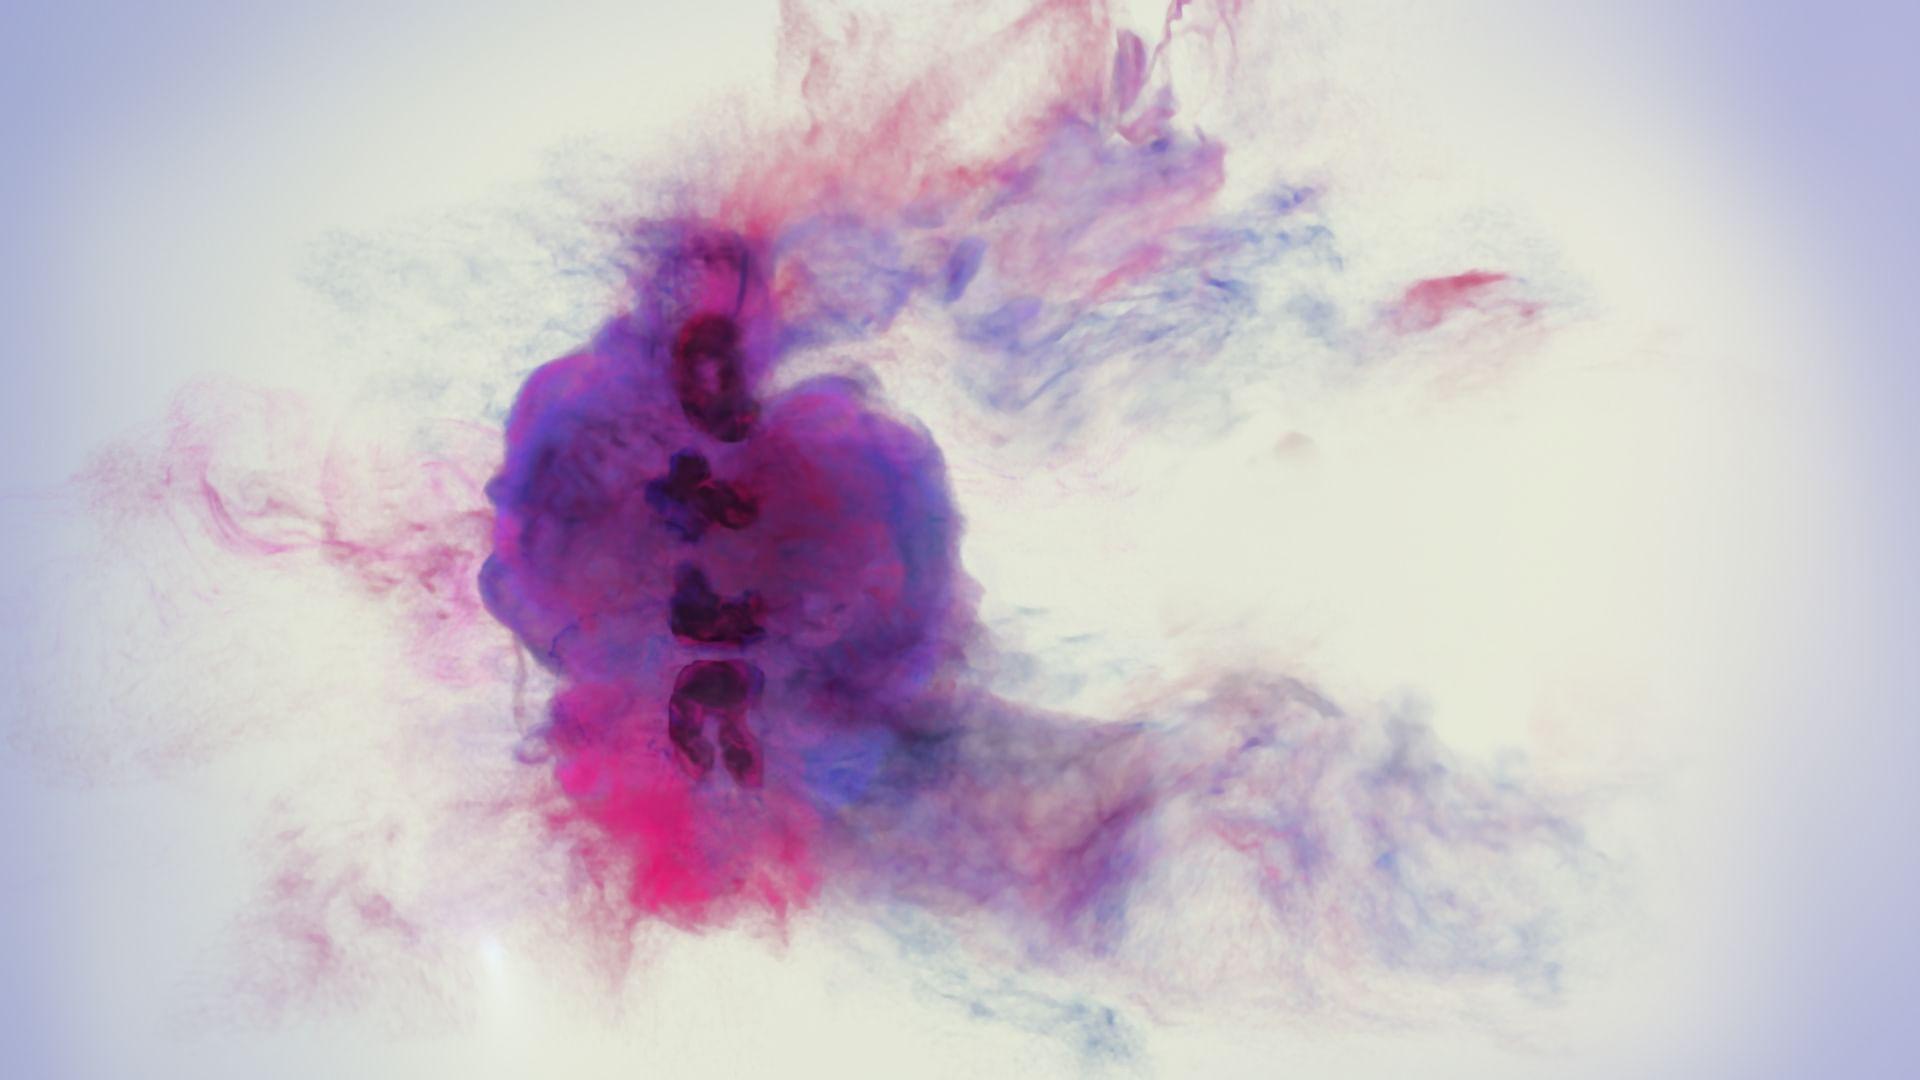 ARTE cinéma vous propose un réjouissant tour du monde des nanars, ces films tellement mauvais qu'ils en deviennent inoubliables. Au programme, quatre films cultes à découvrir en VOD gratuite: «L'espion qui venait du surgelé» de Mario Bava, «Clash of the Ninjas» de Godfrey Ho , «Robot Monster» de Phil Tucker, «La momie aztèque contre le robot» de Rafael Portillo.